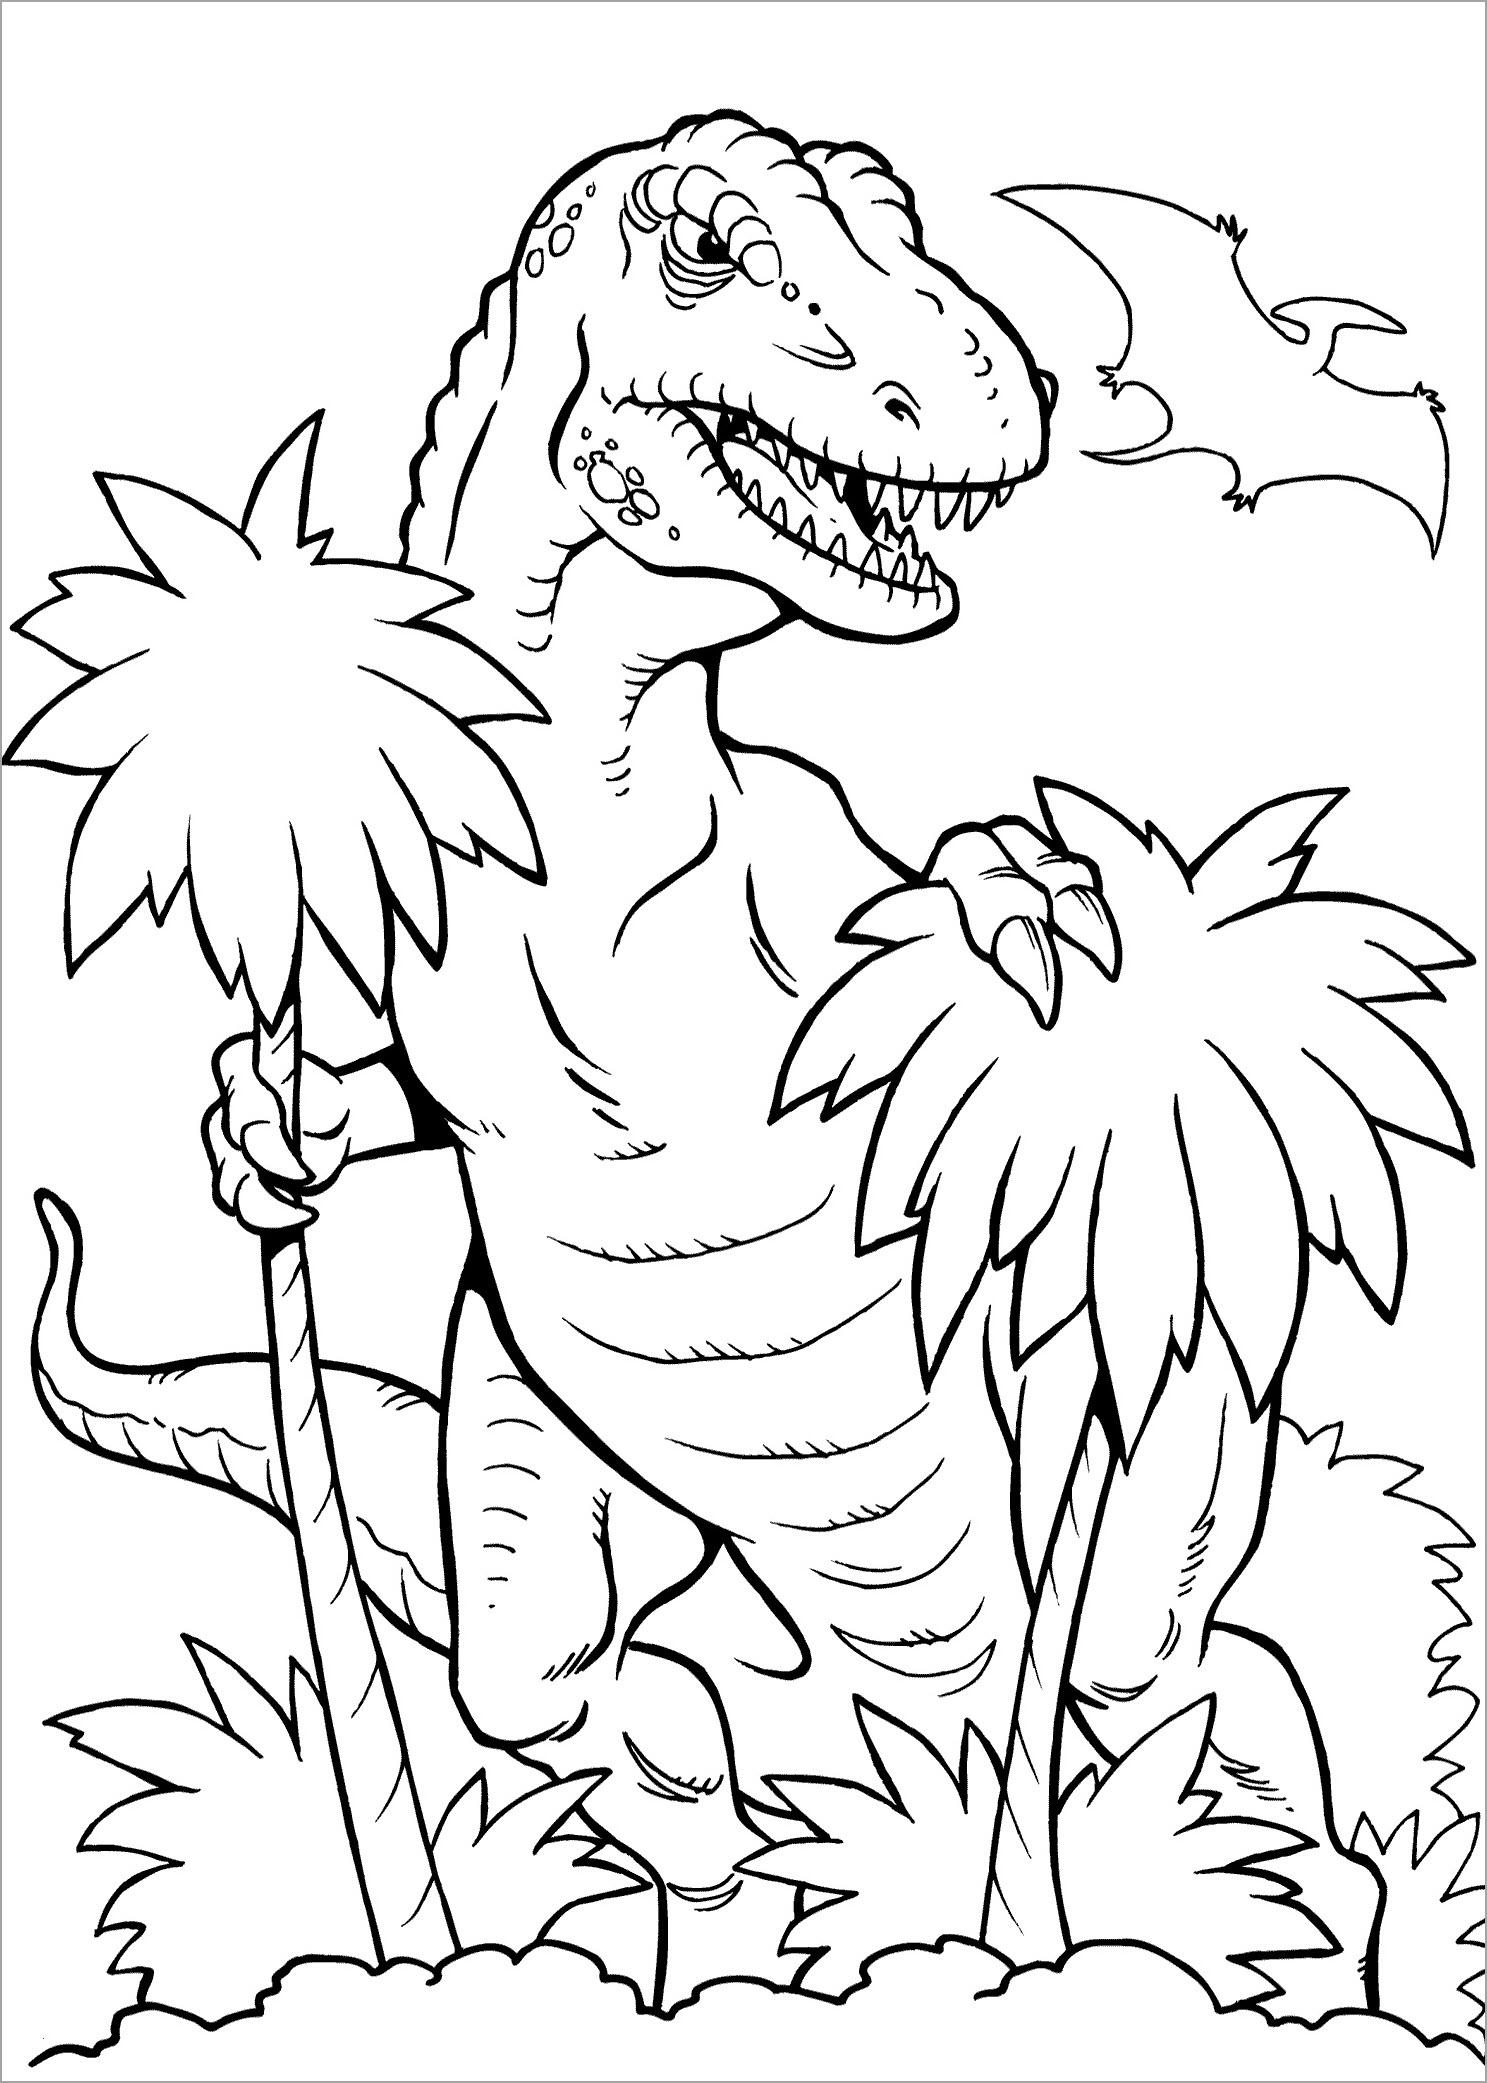 Bé tập tô màu khủng long bạo chúa